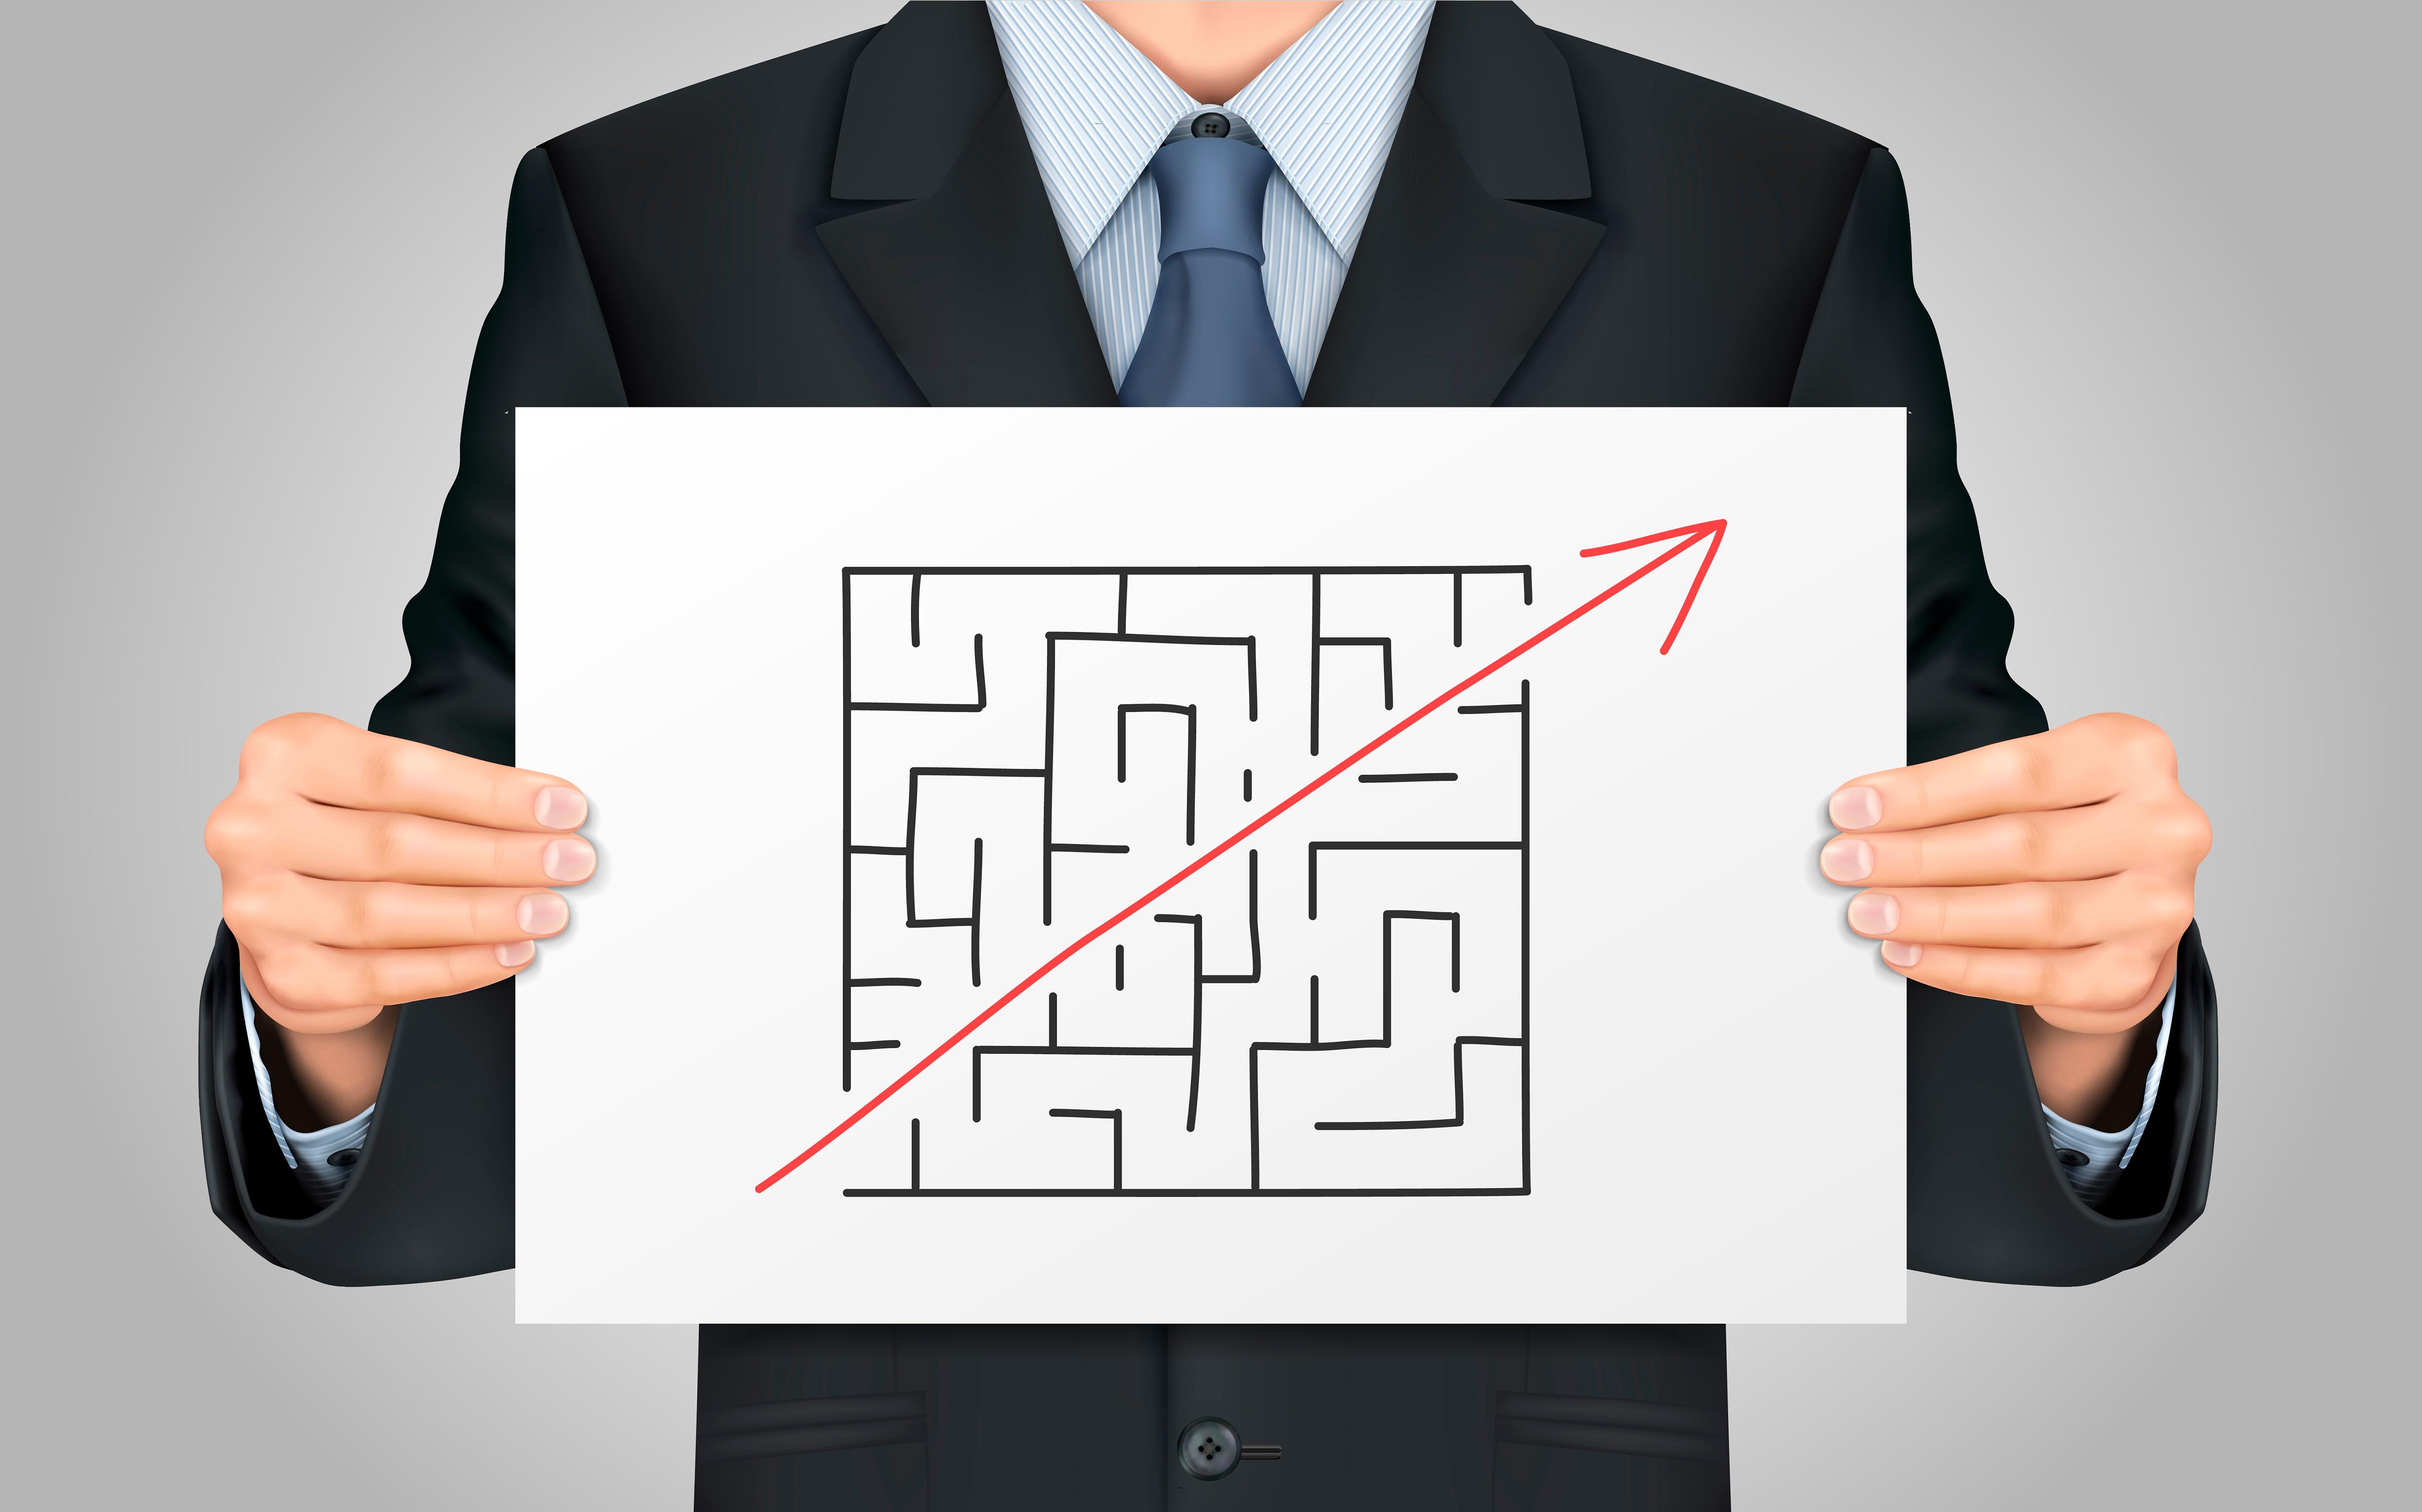 maze, shortcut, break rules, path, cheat